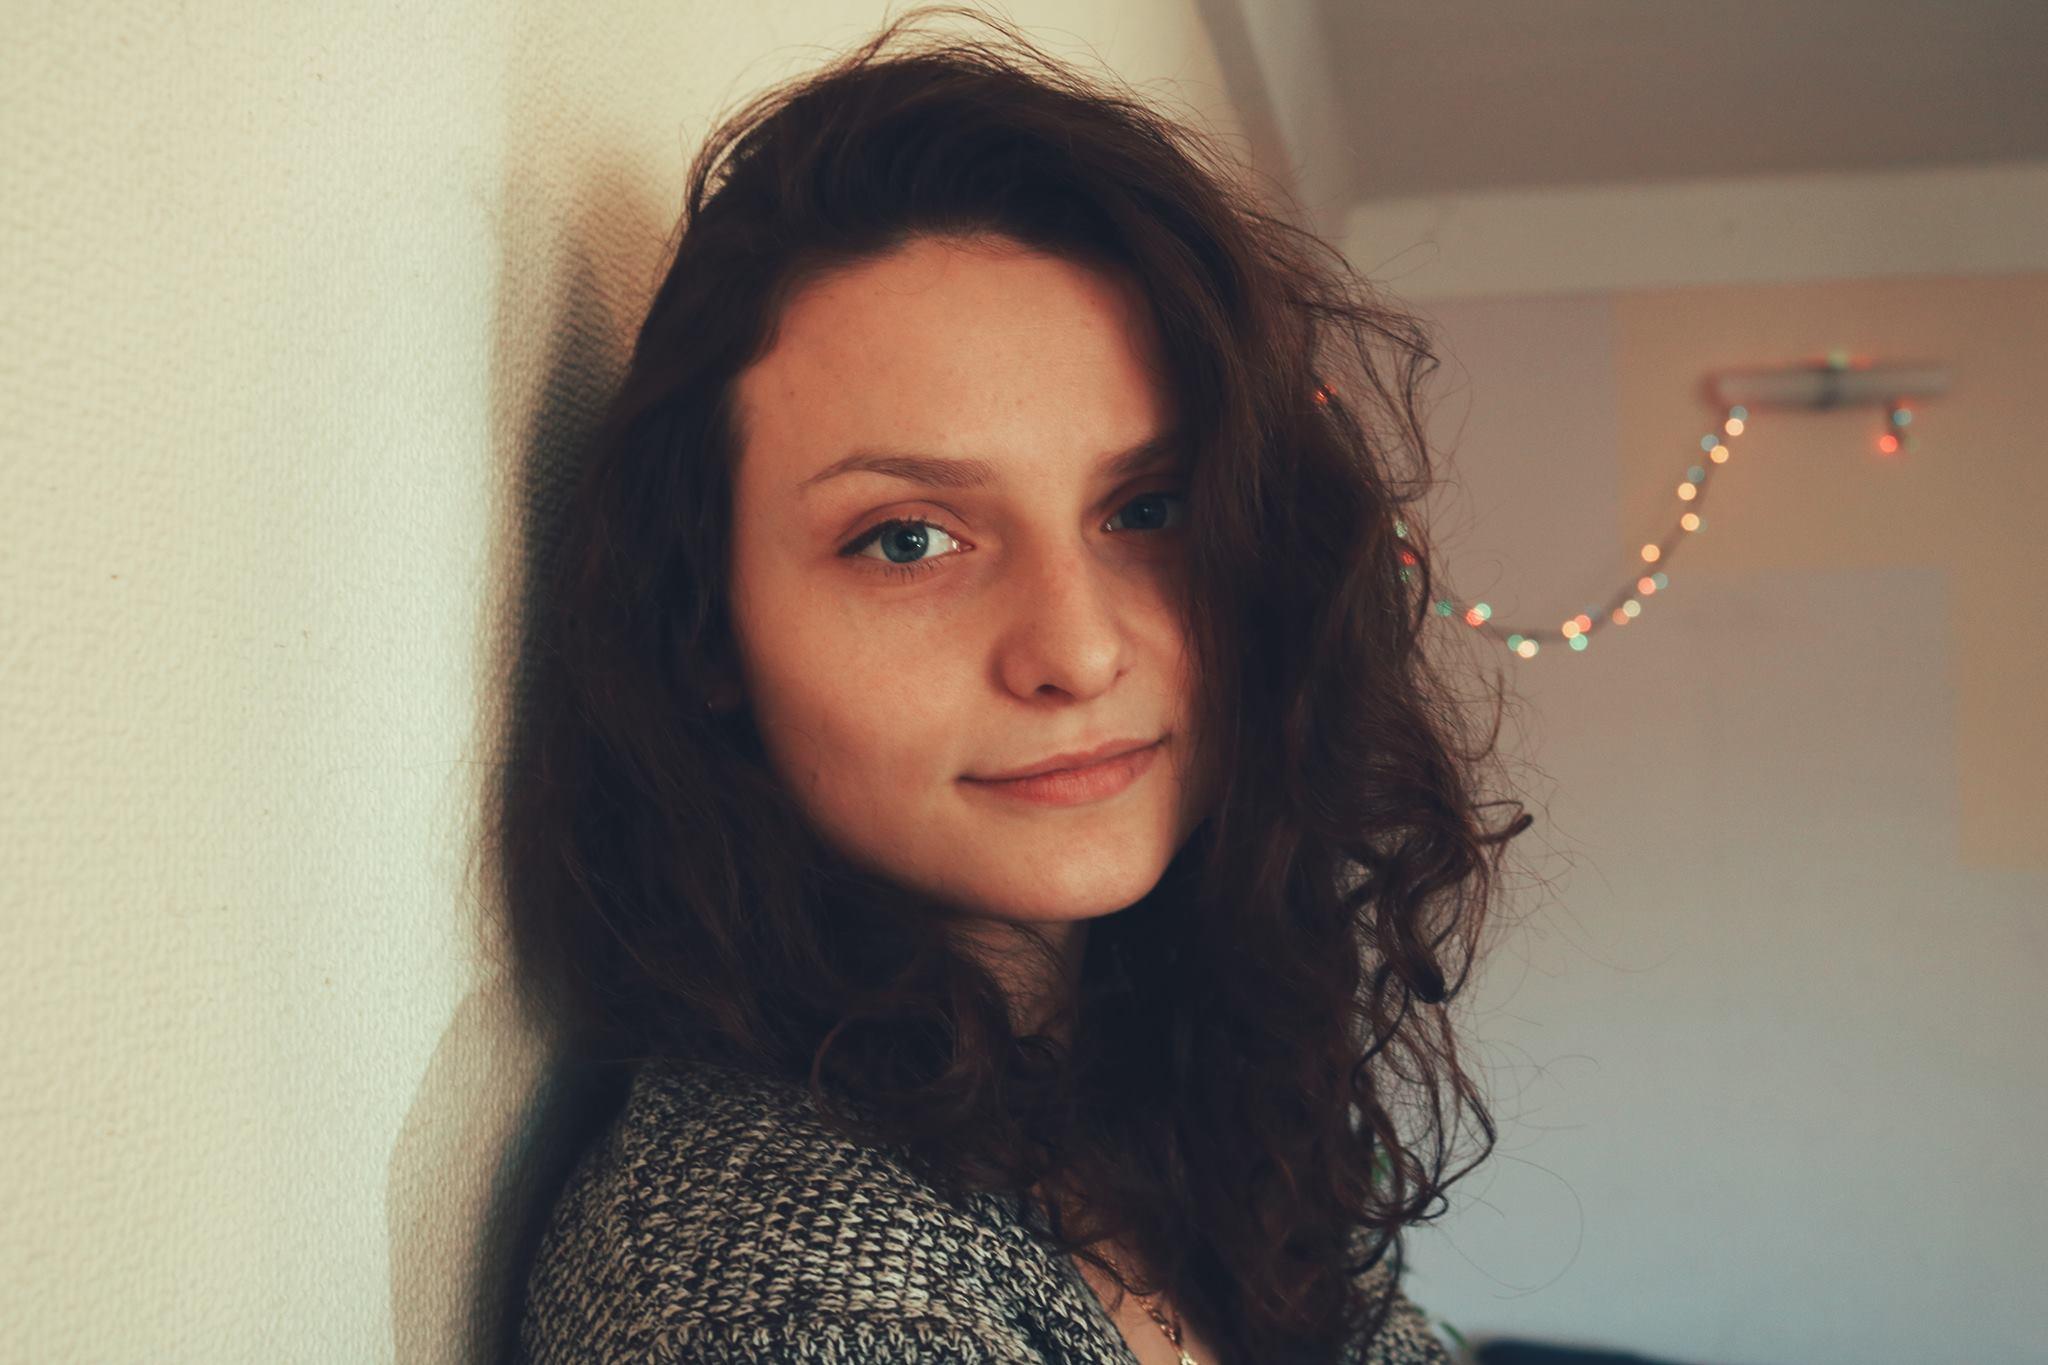 Девушке в декабре исполнилось 26 лет, она только недавно начала работать в больнице врачом-анестезиологом. Фото: fb Ольга Глива